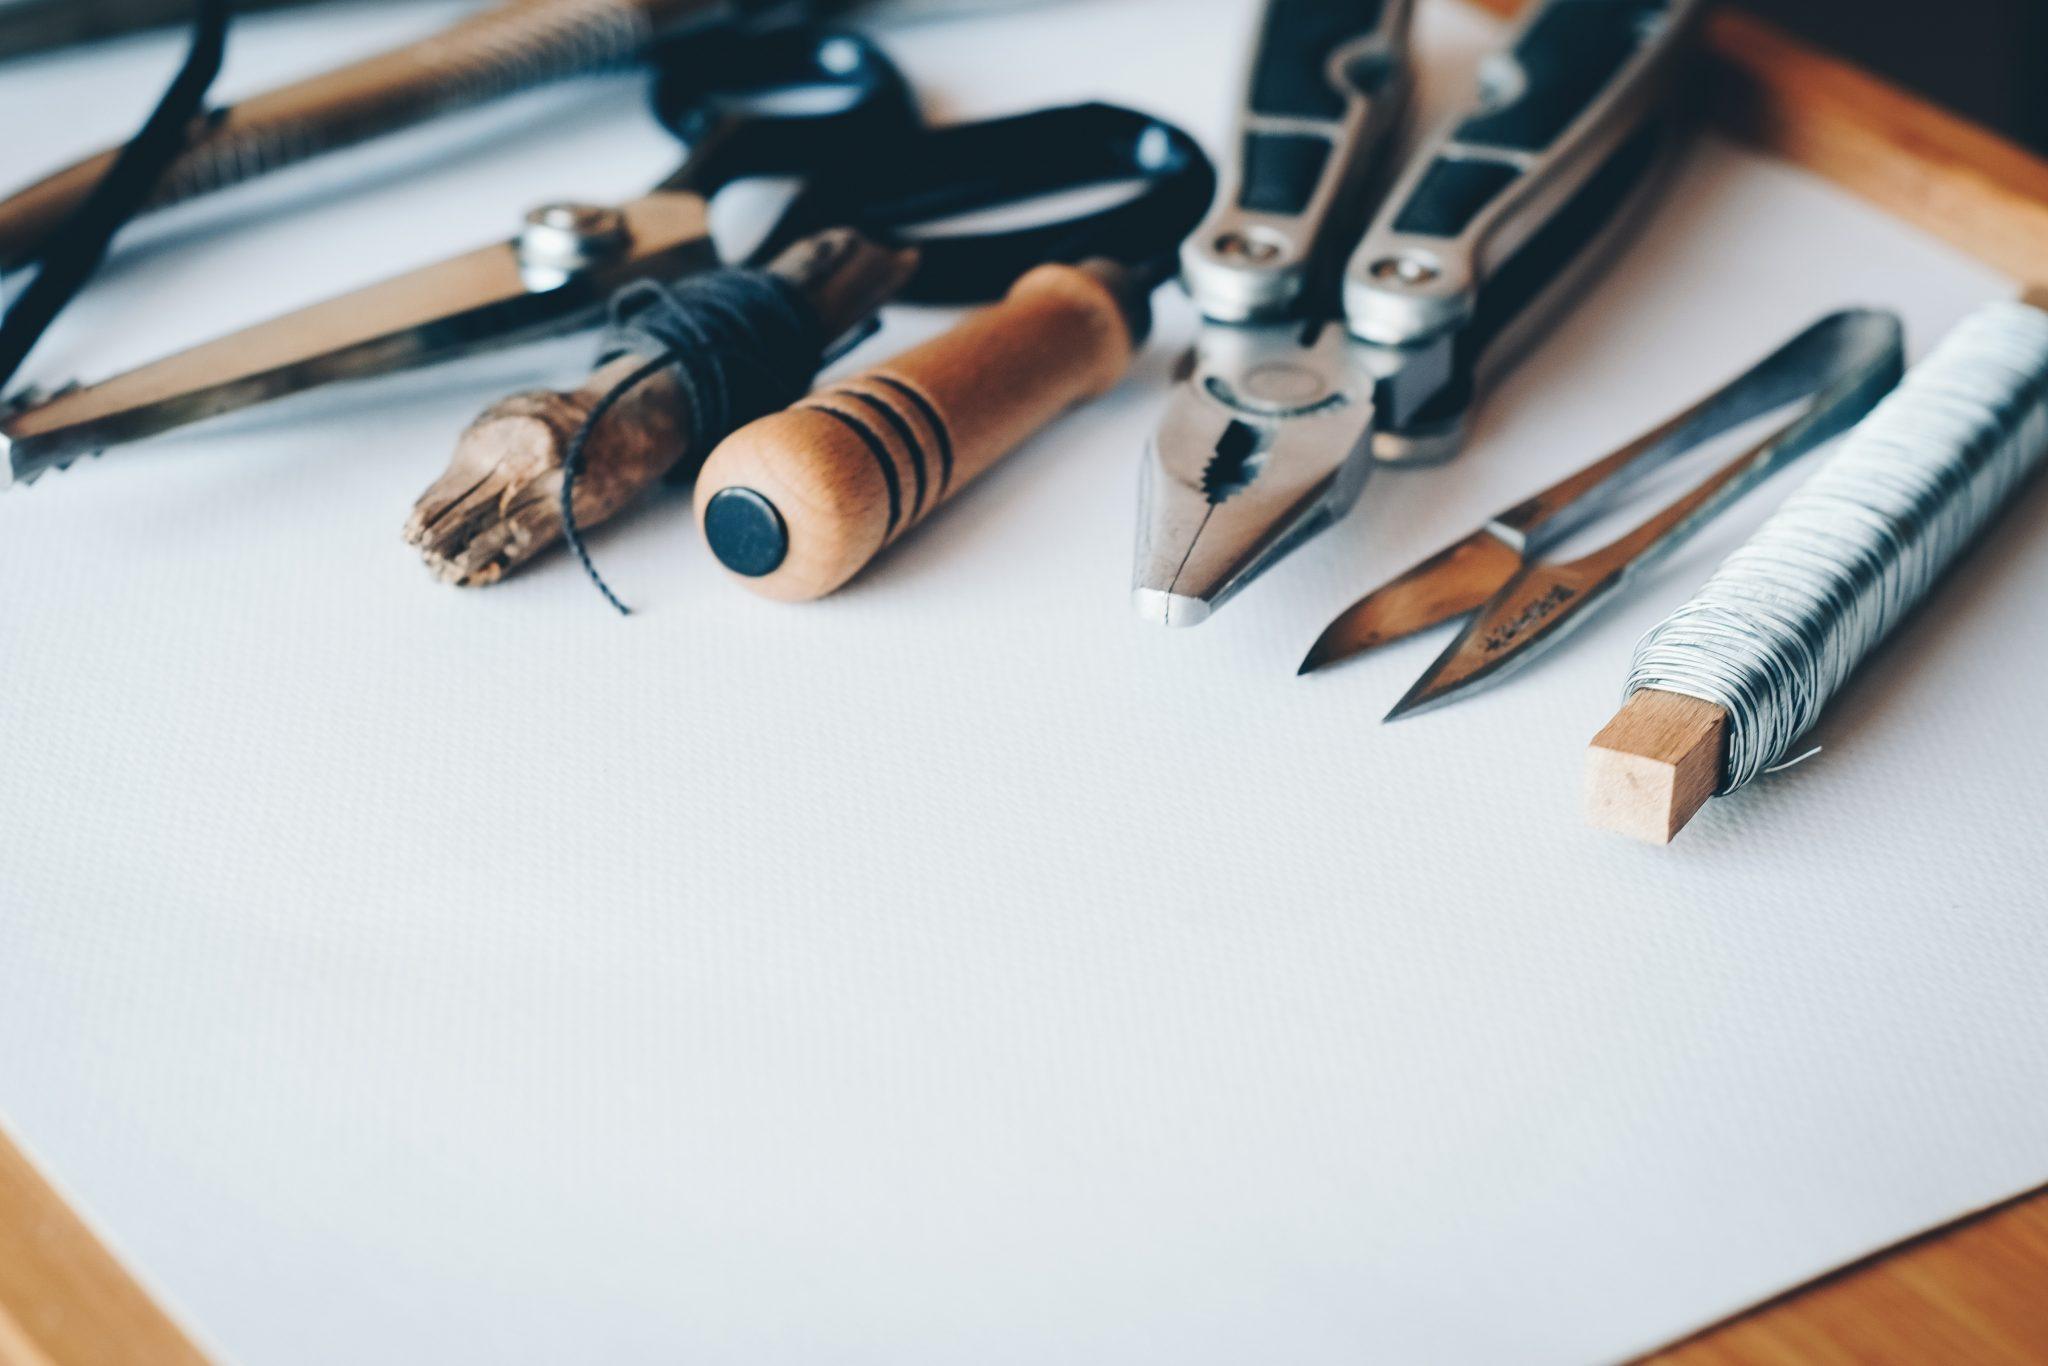 Craftsmen / Artisan Crafts